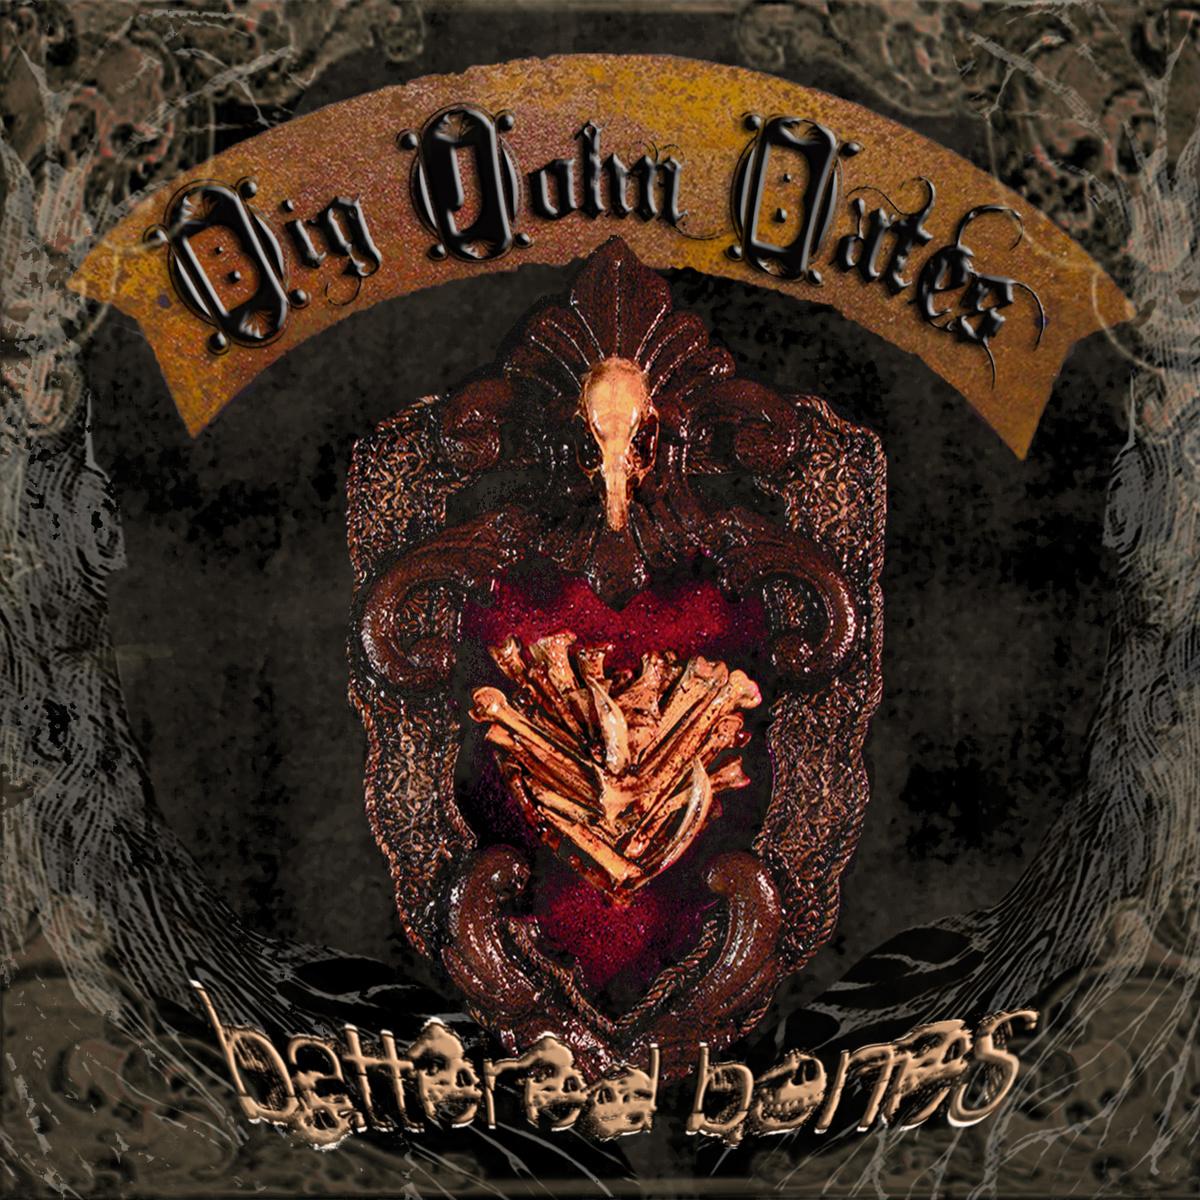 Big John Bates: Battered Bones (2012)